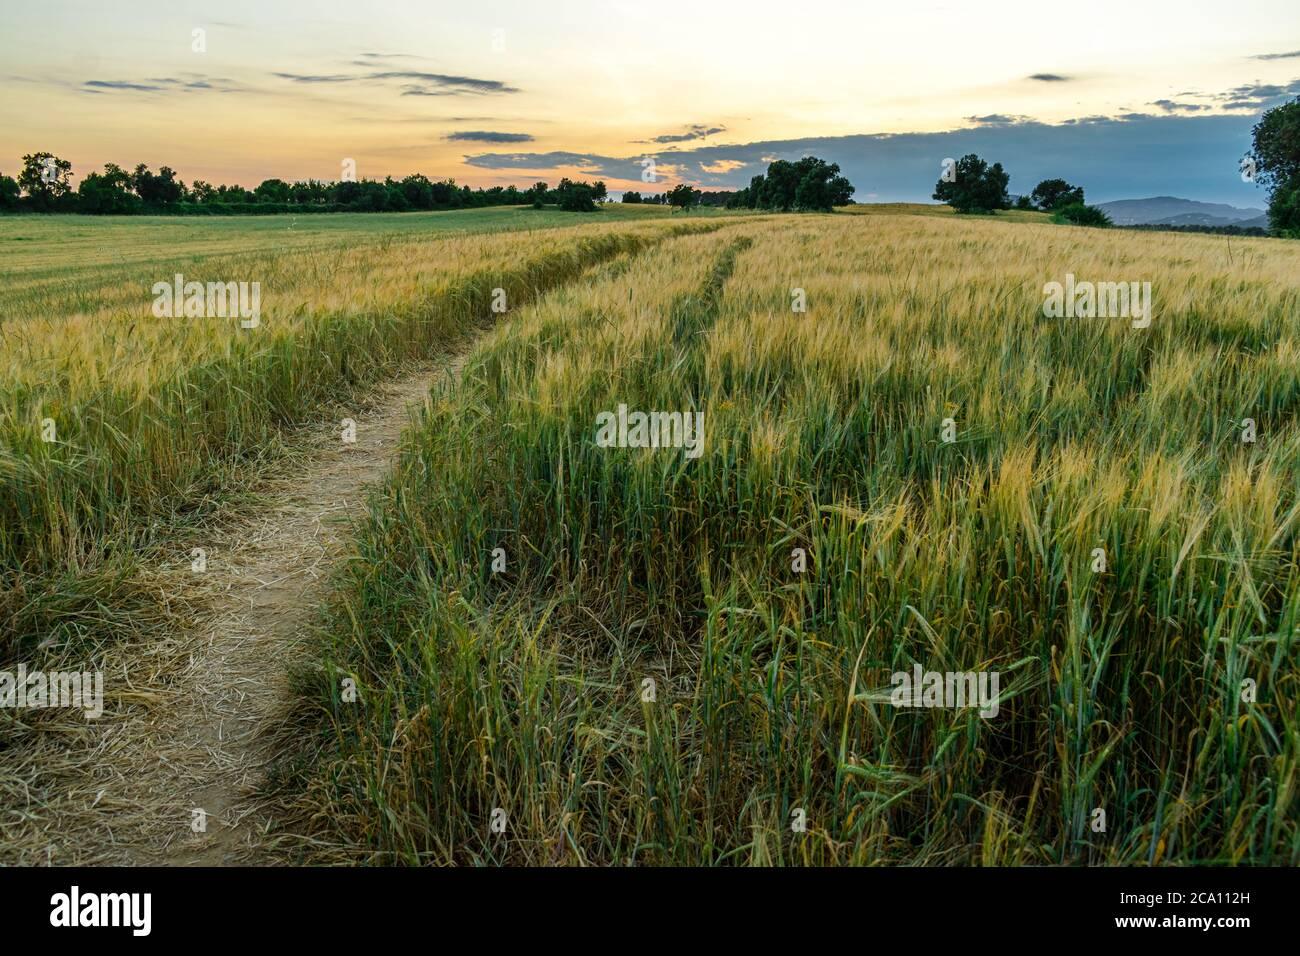 Horizontales hdr-Bild eines Pfades über einem Weizenfeld bei Sonnenuntergang. Stockfoto